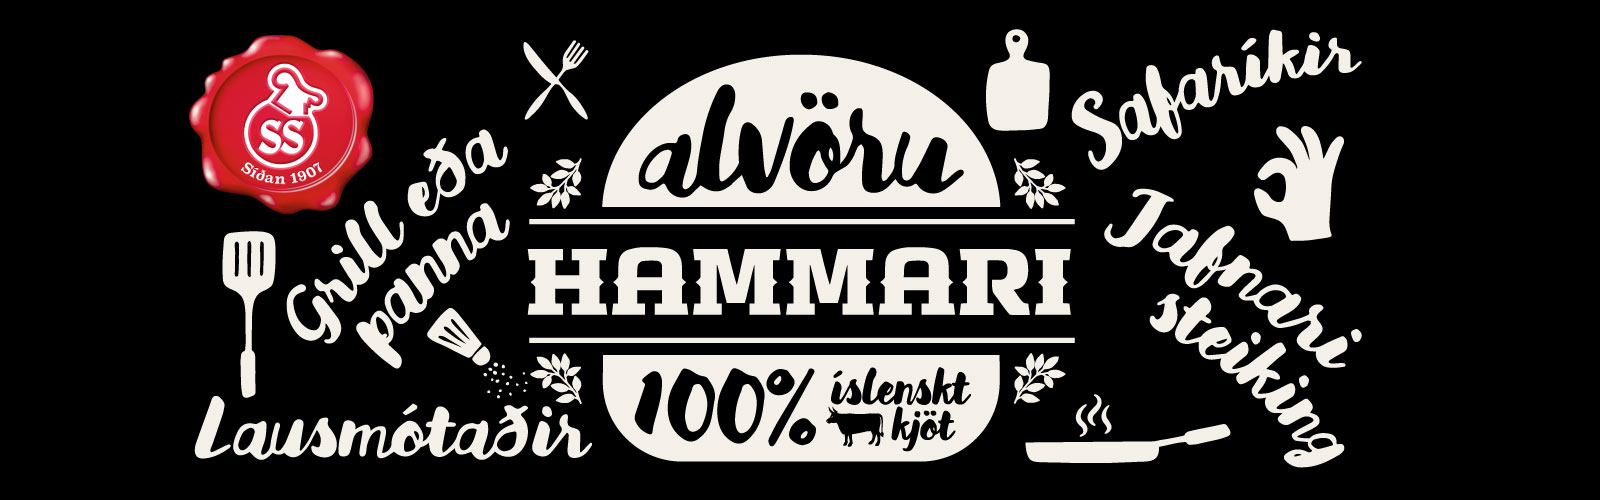 Hammari_1600x500